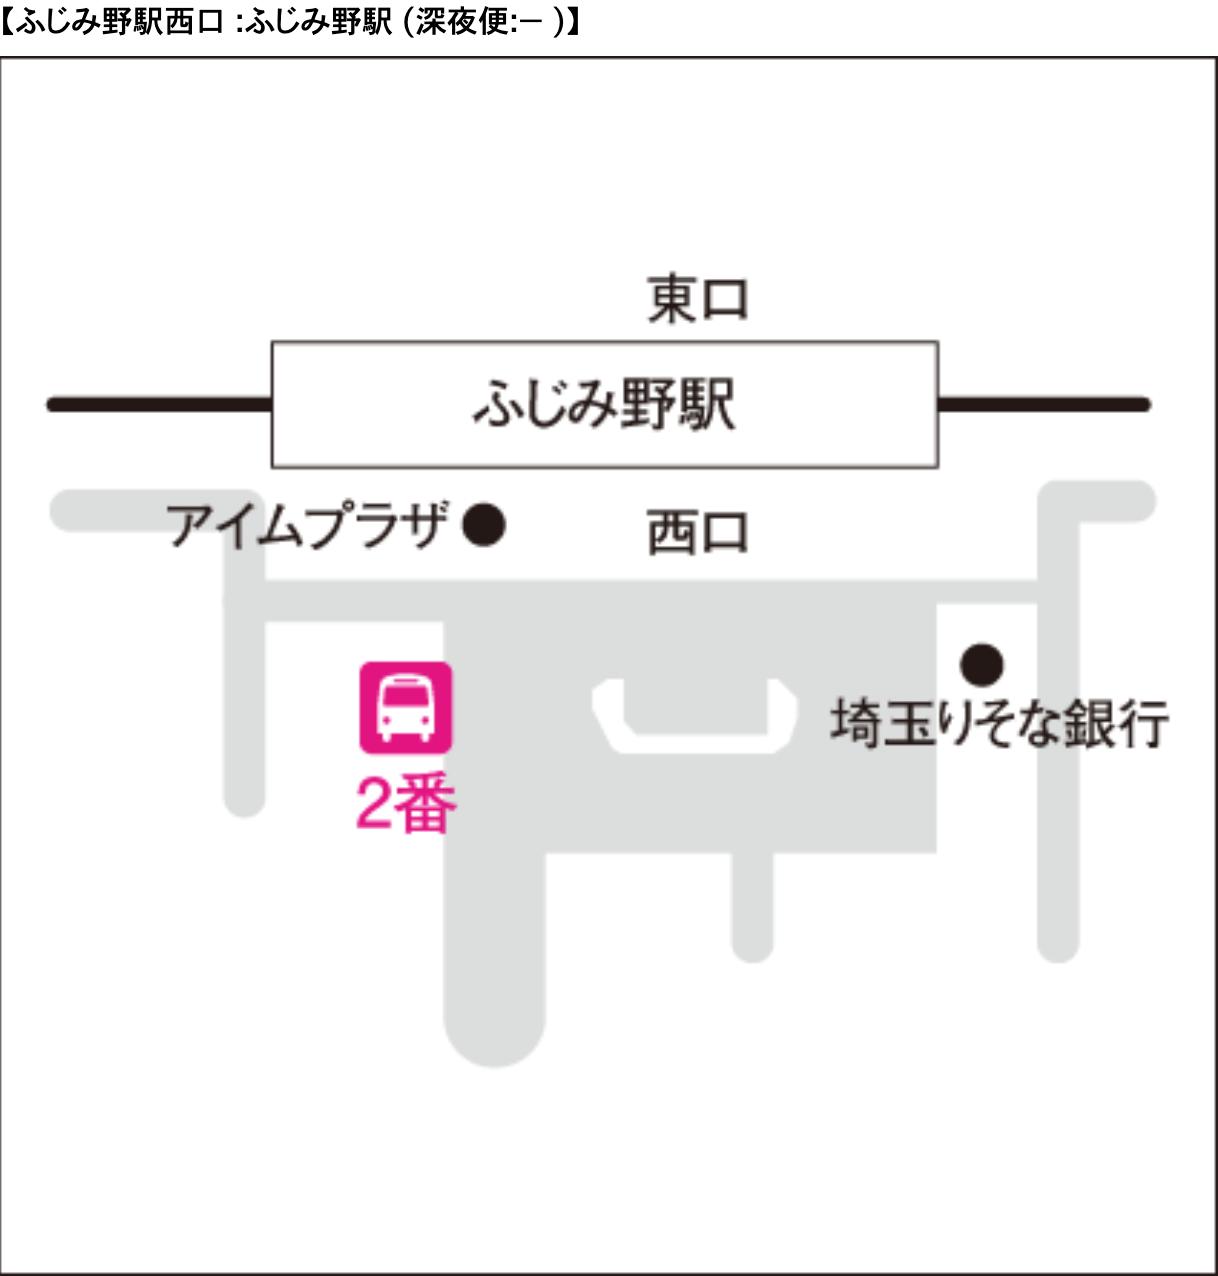 空港バス ふじみ野駅 案内図